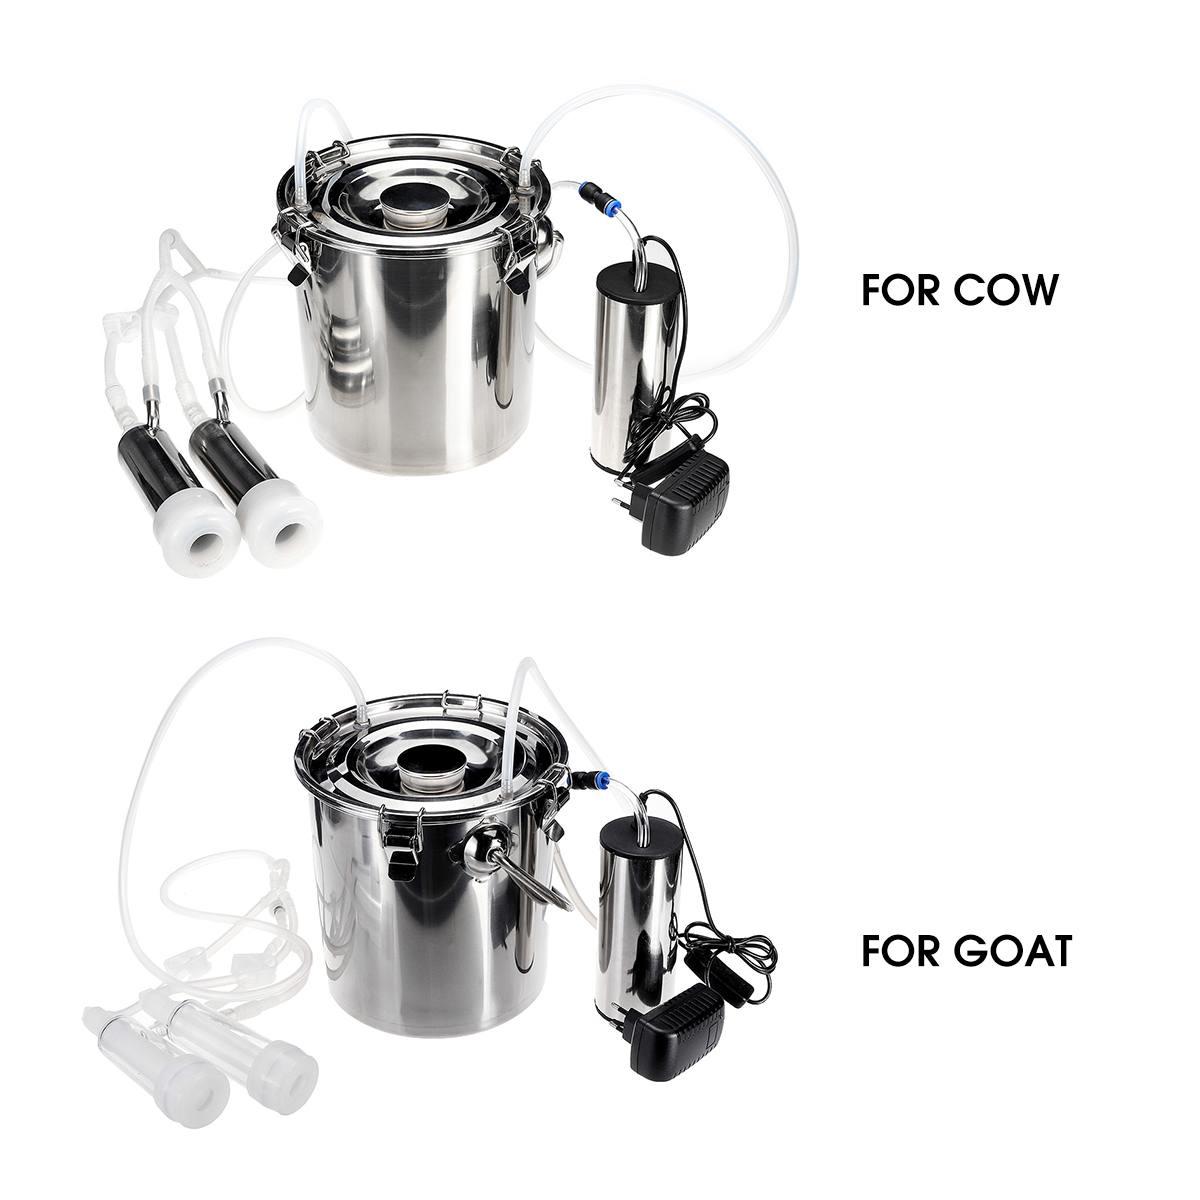 5L versión mejorada eléctrica vaca cabra oveja ordeño máquina doble bomba de vacío Cubo de acero inoxidable 220V máquinas de ordeño - 5